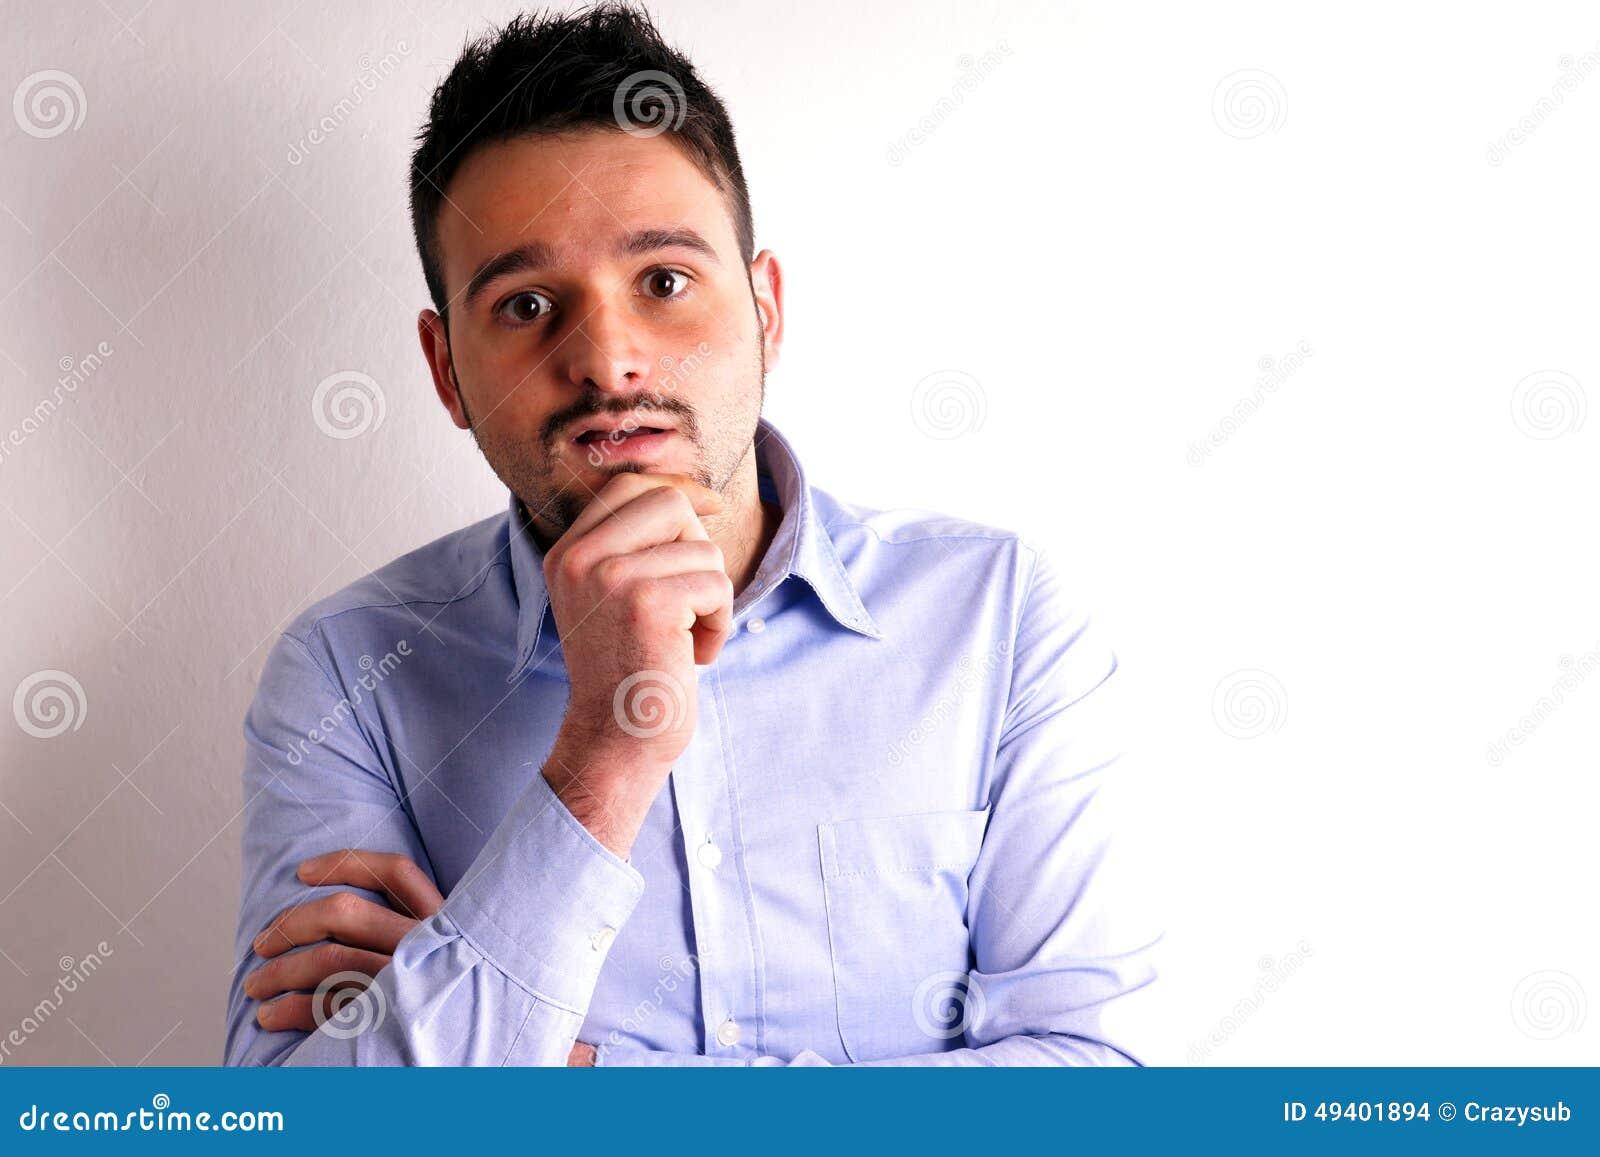 Download Junge mit Hemd stockfoto. Bild von frontseite, hemd, junge - 49401894